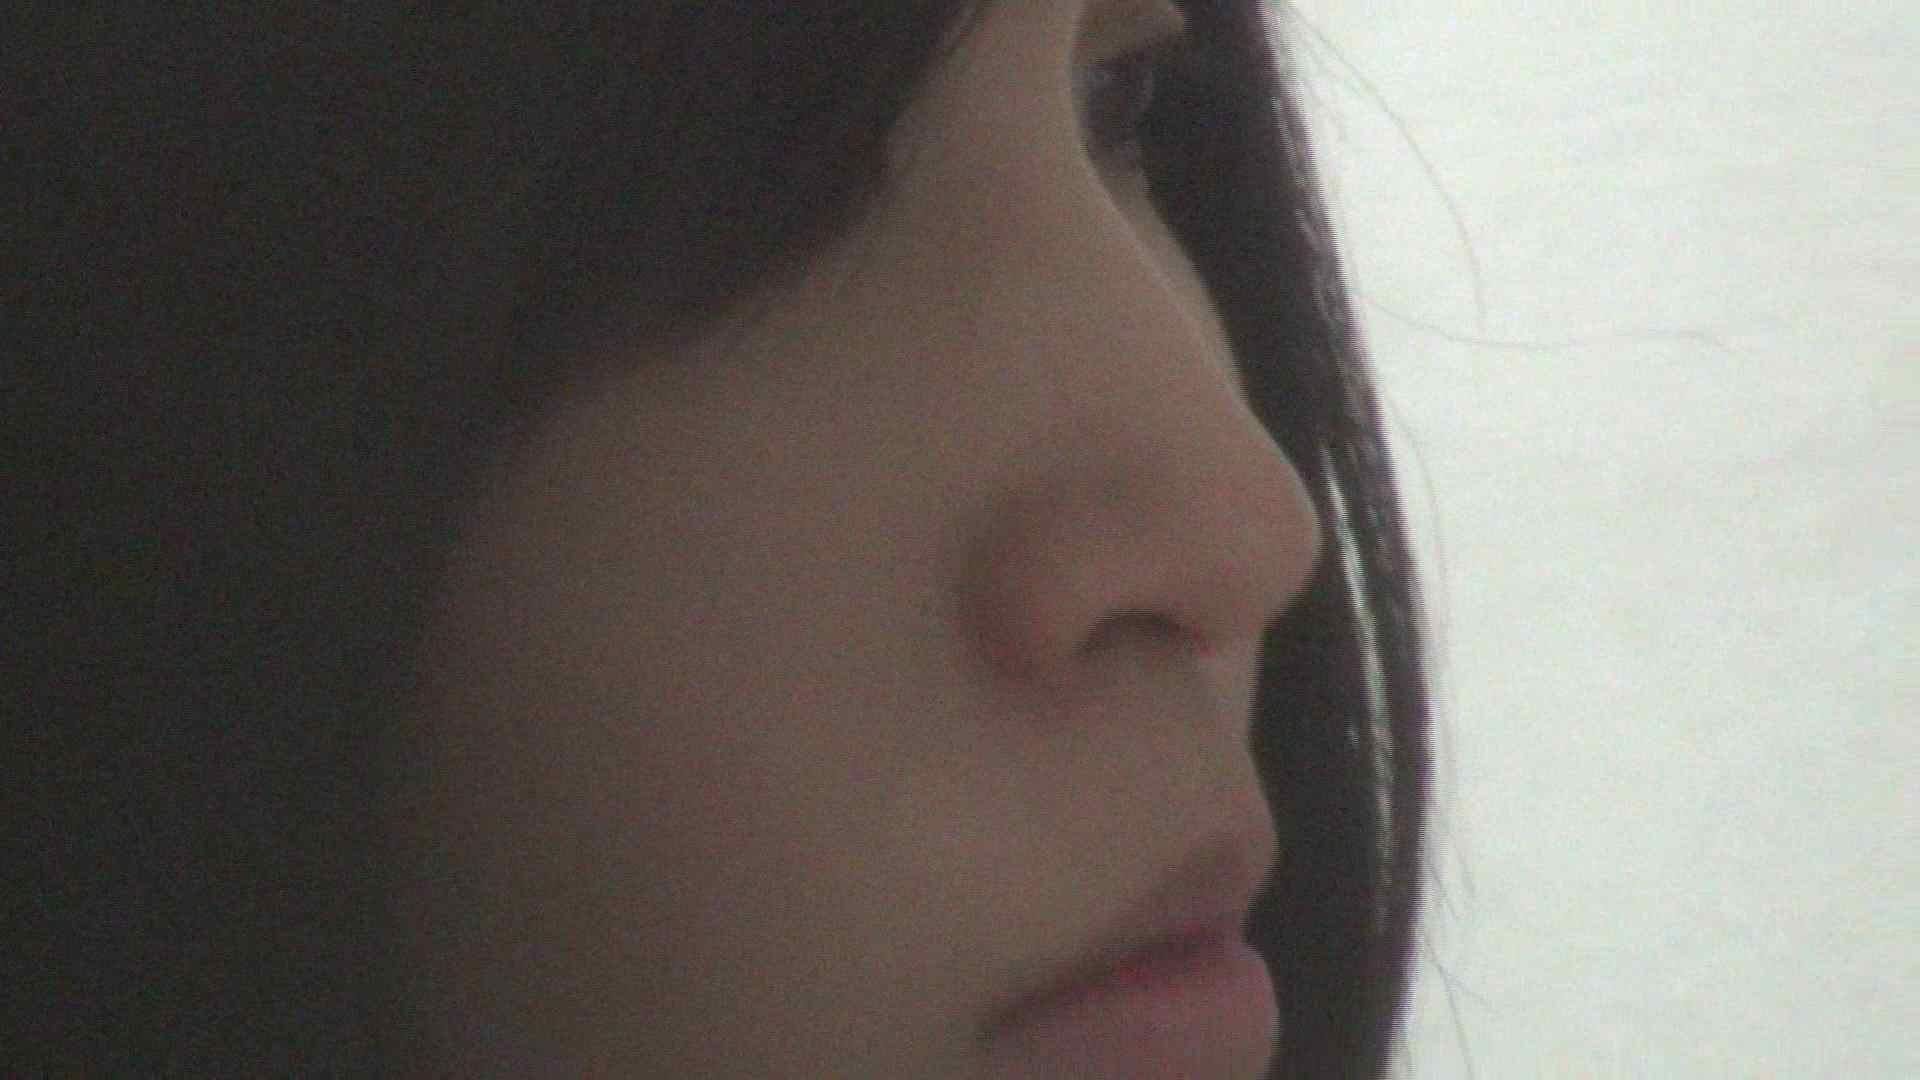 【05】仕事が忙しくて・・・久しぶりにベランダで待ち伏せ マンコ特集 | 盗撮エロすぎ  84連発 73